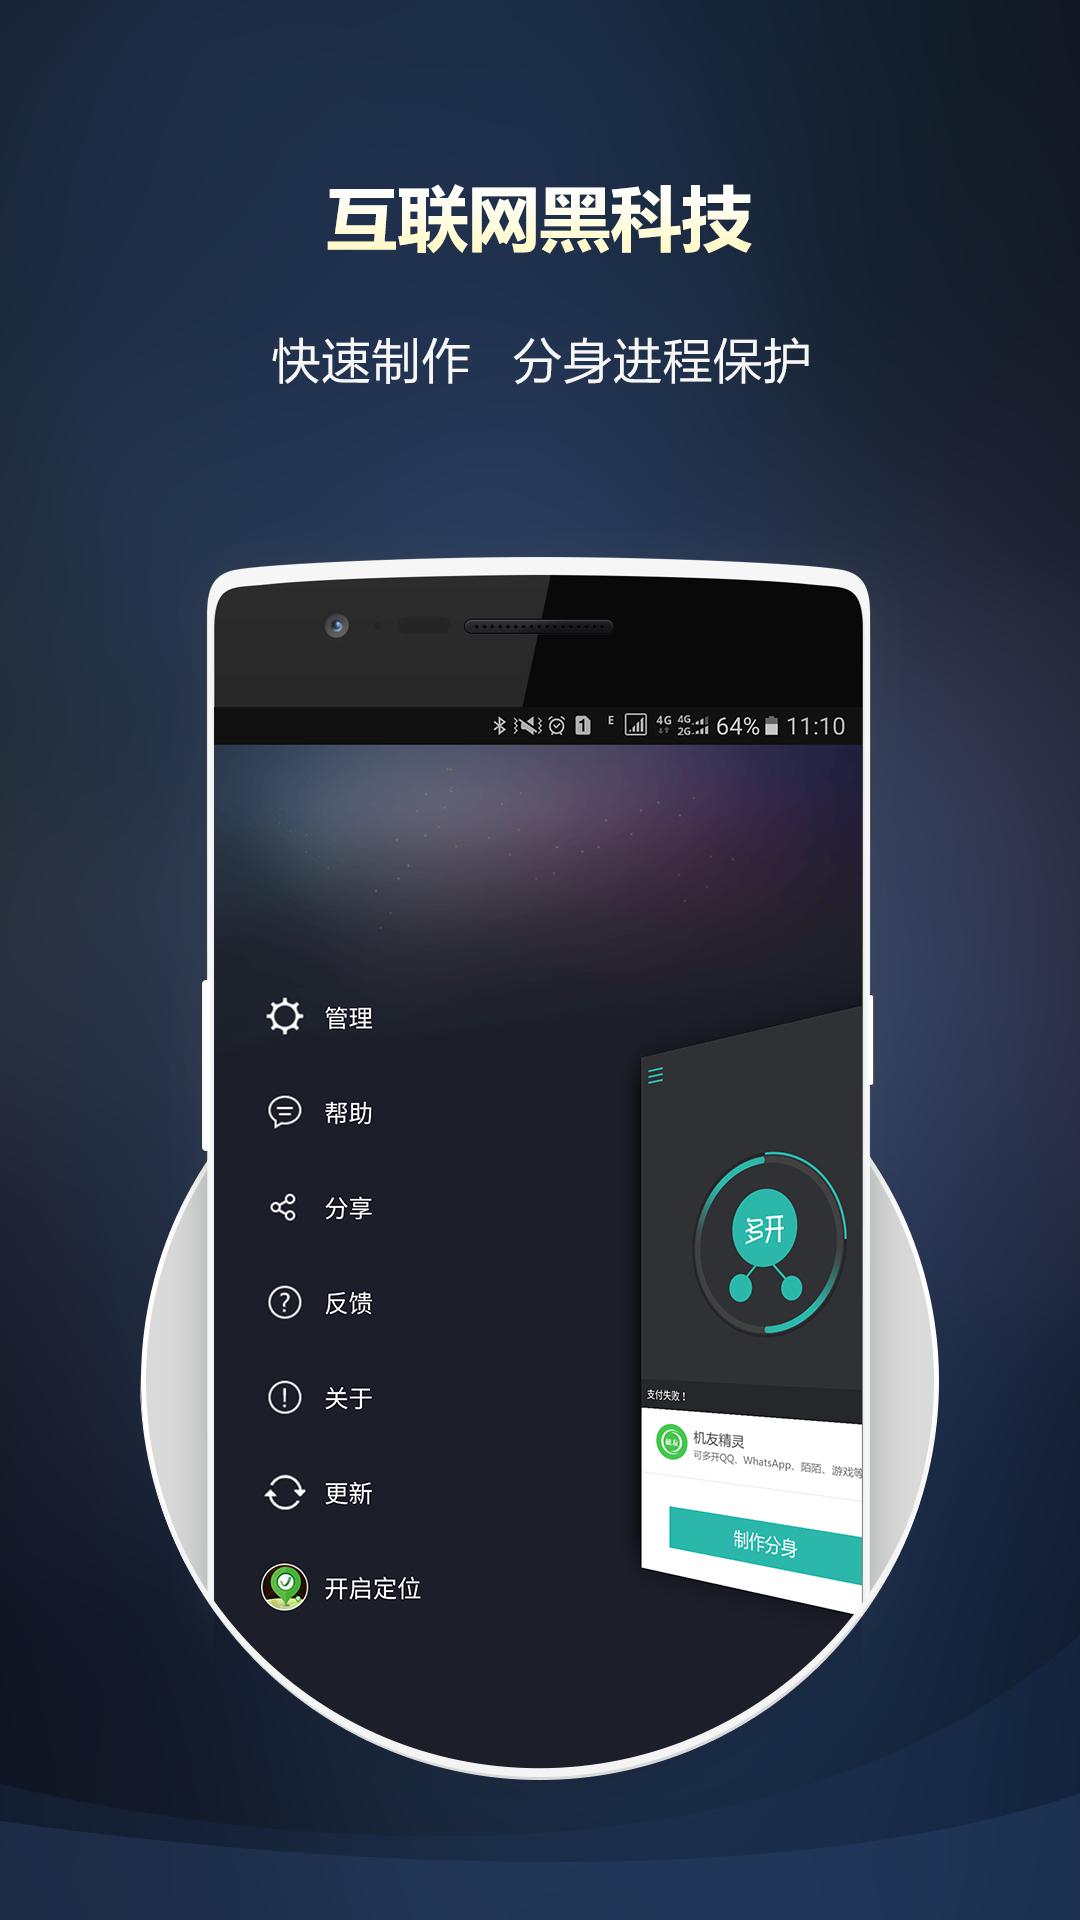 微信多开宝 V2.7.7 安卓版截图1